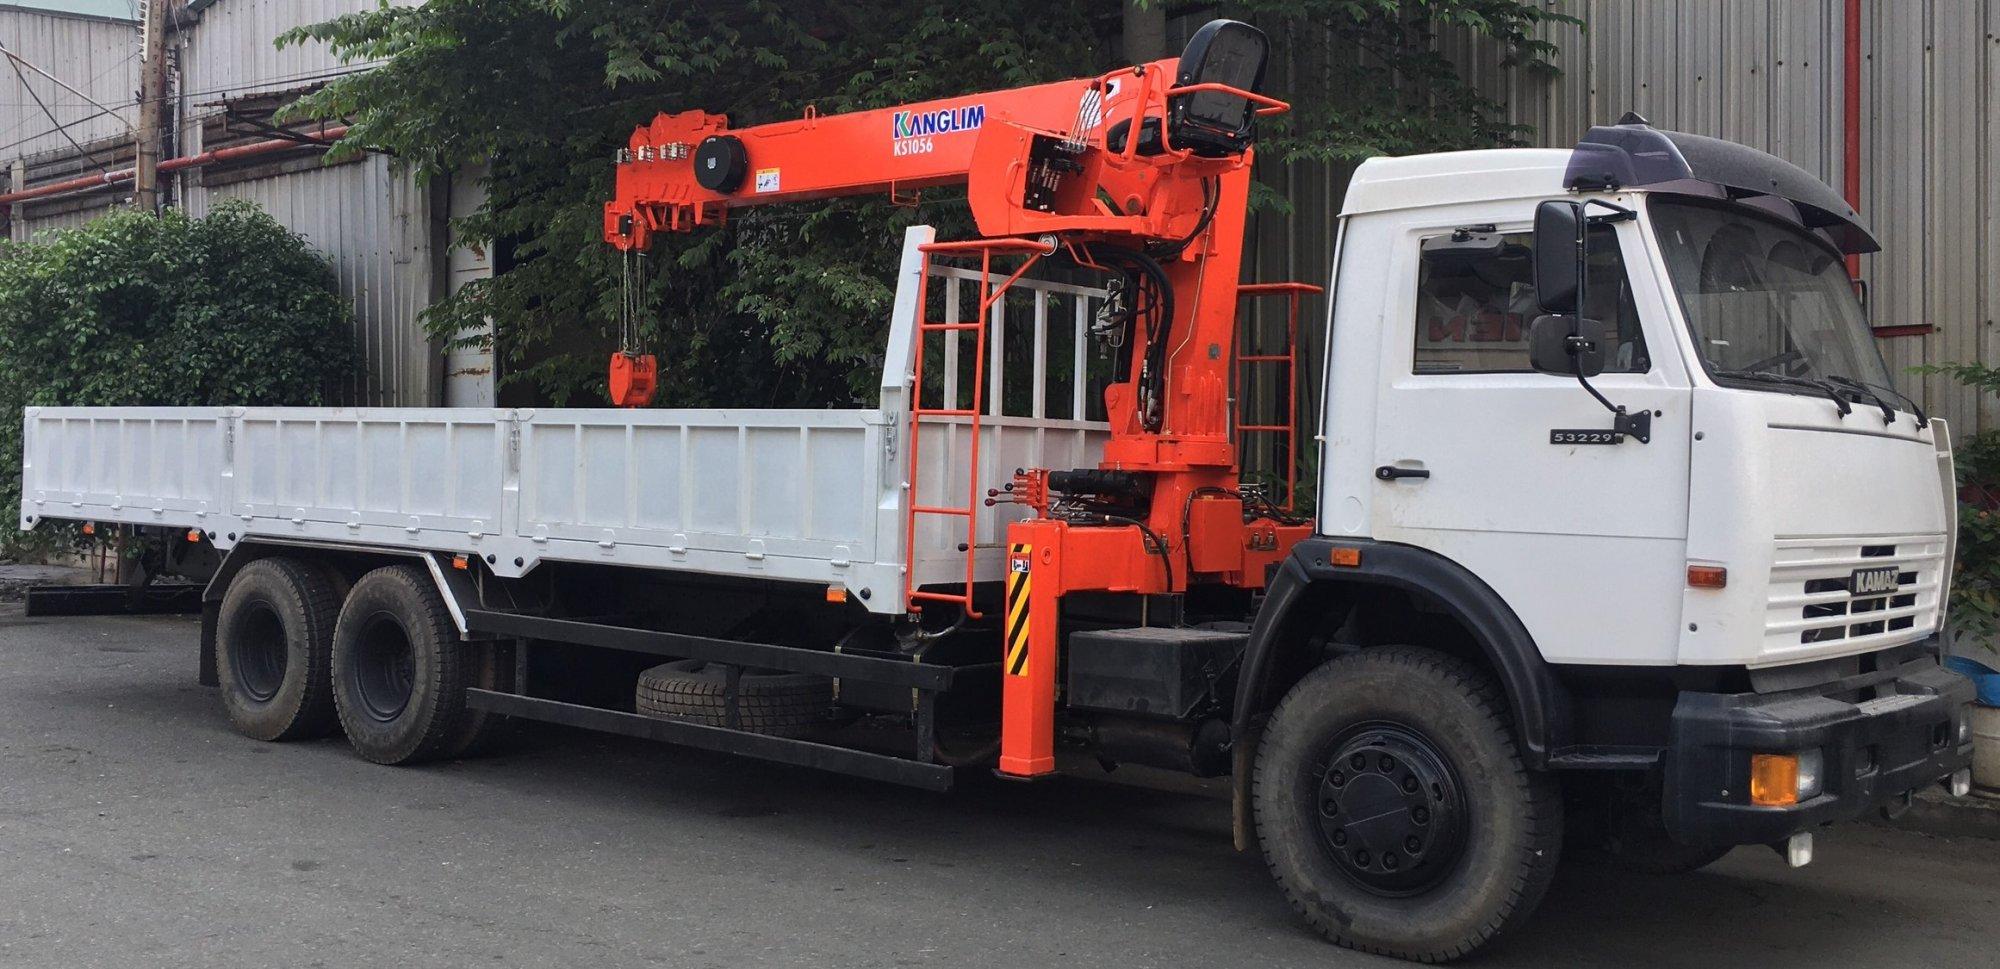 xe cẩu 53229 kanglim 5 tấn